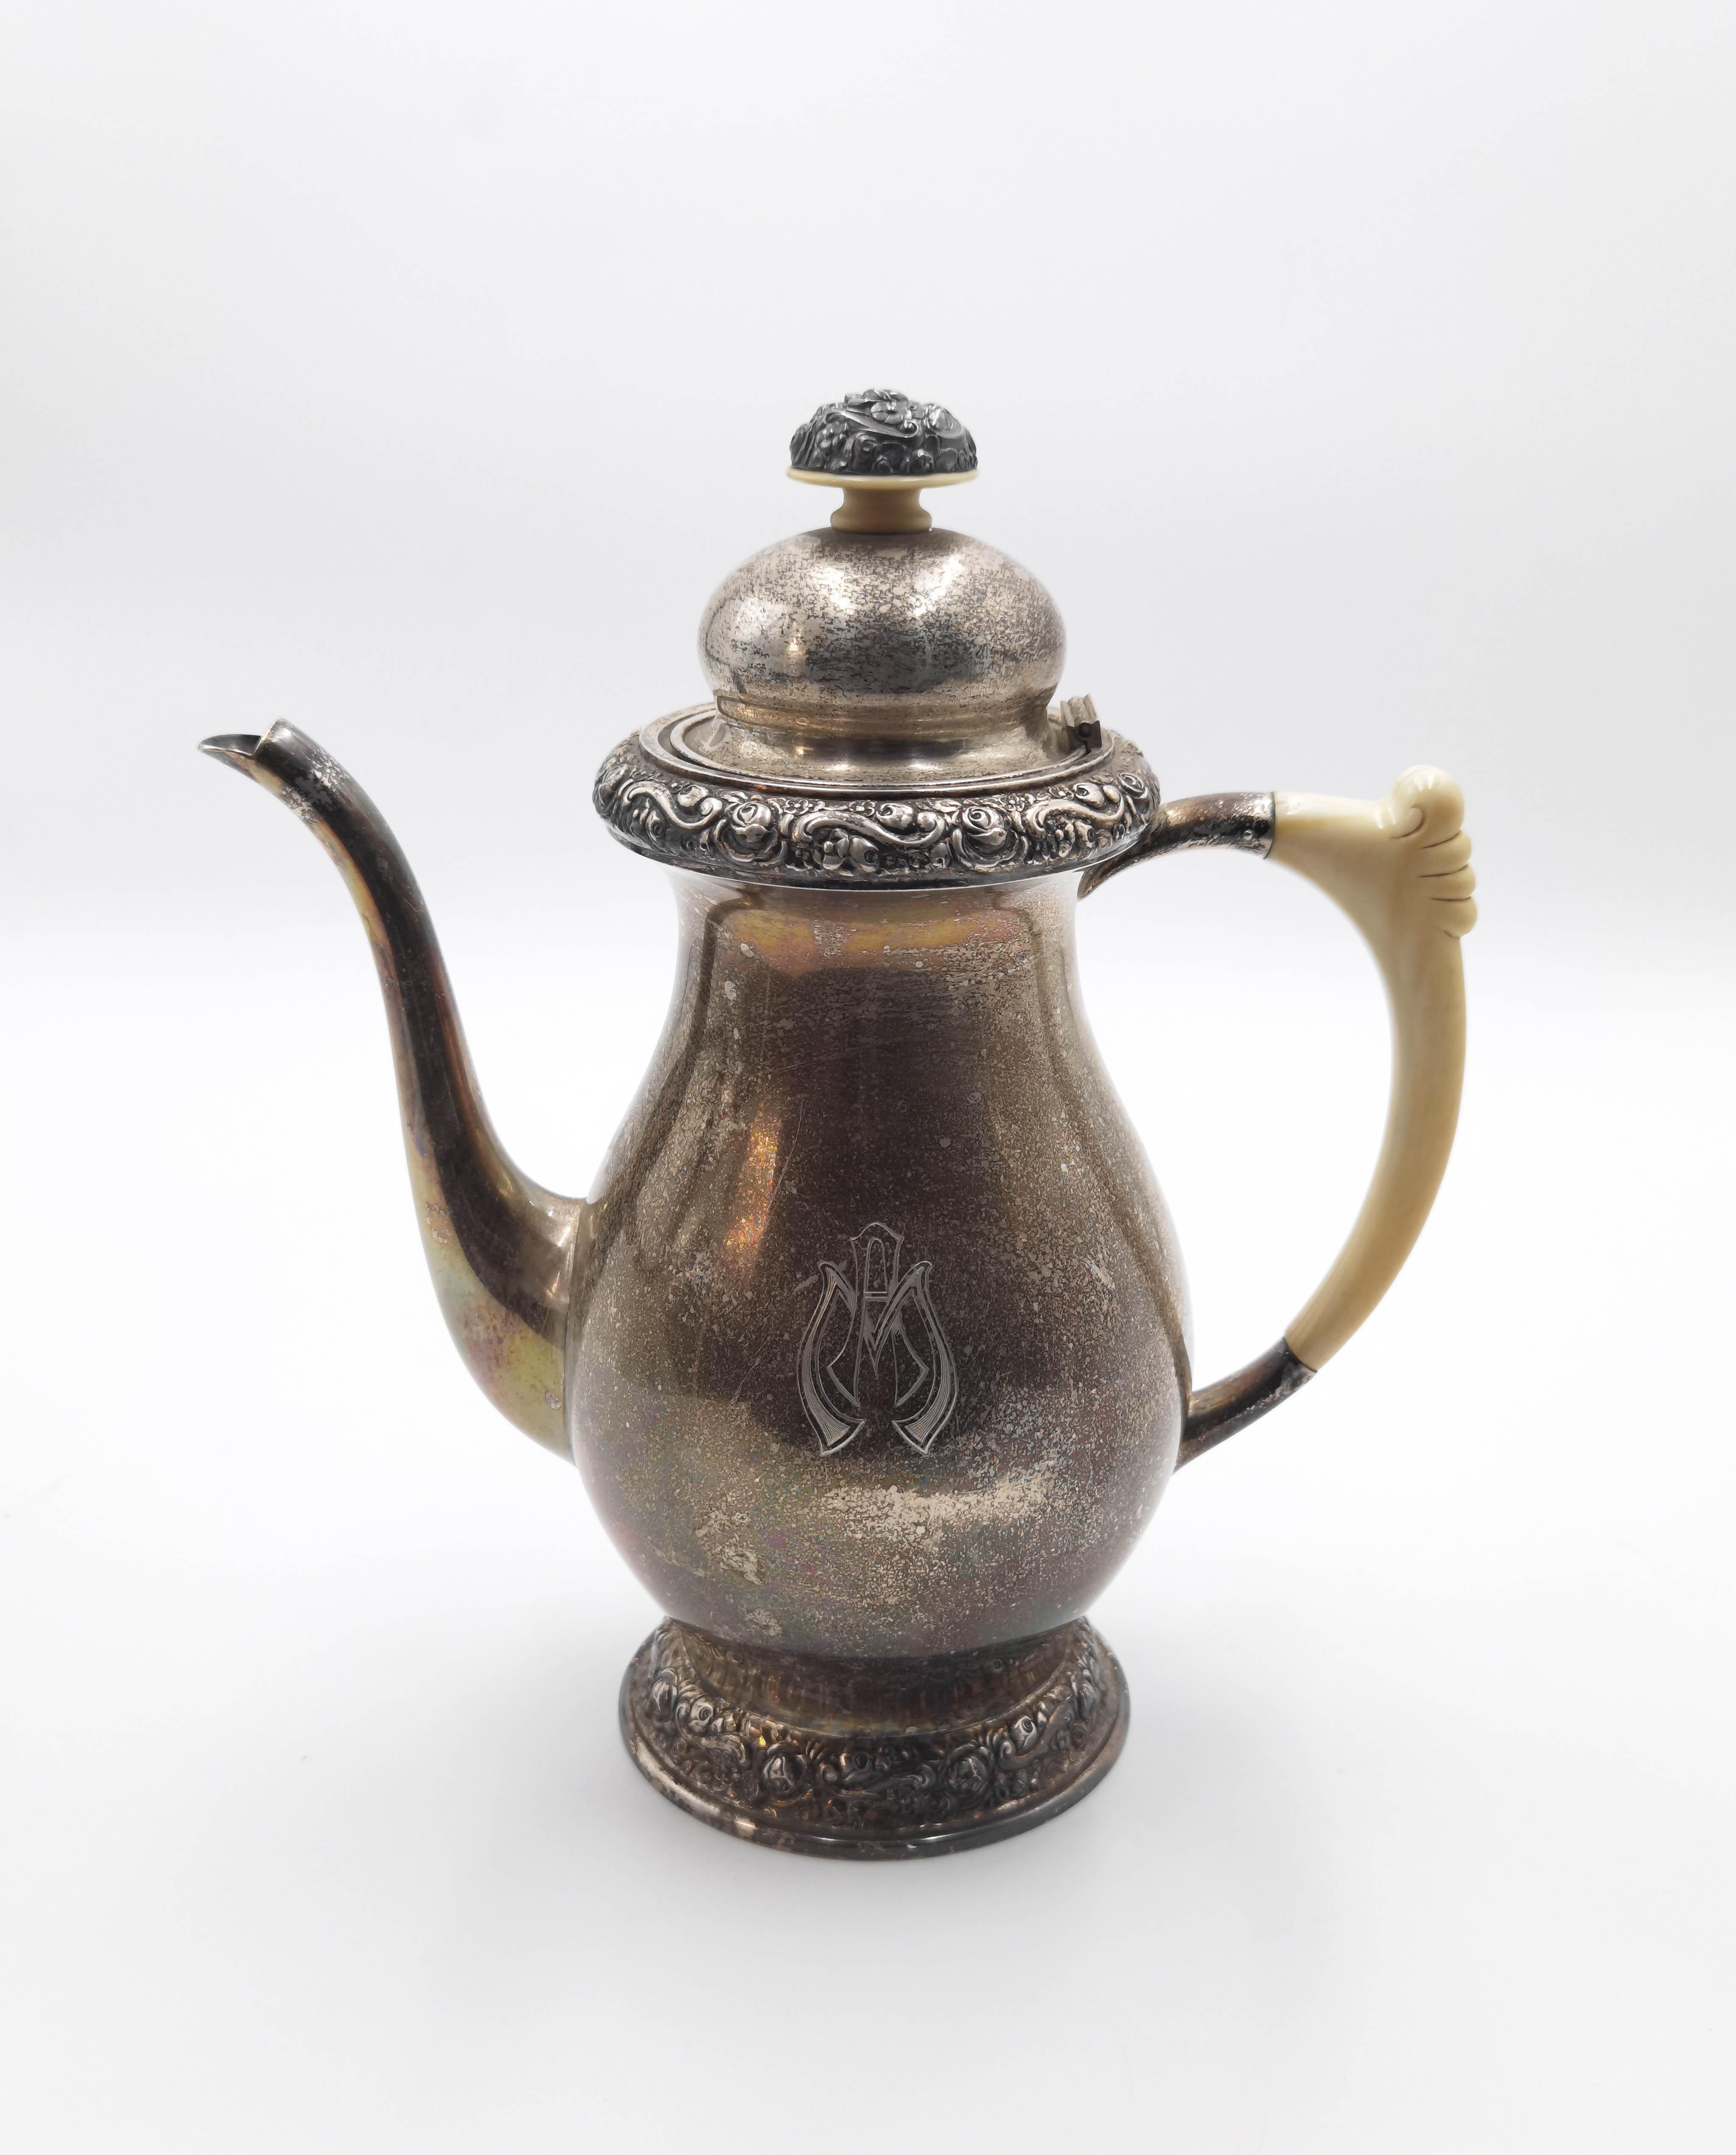 M.H.Wilkens & Söhne (czynni od 1810); firma sprzedająca z Królewca - Carl Steyl